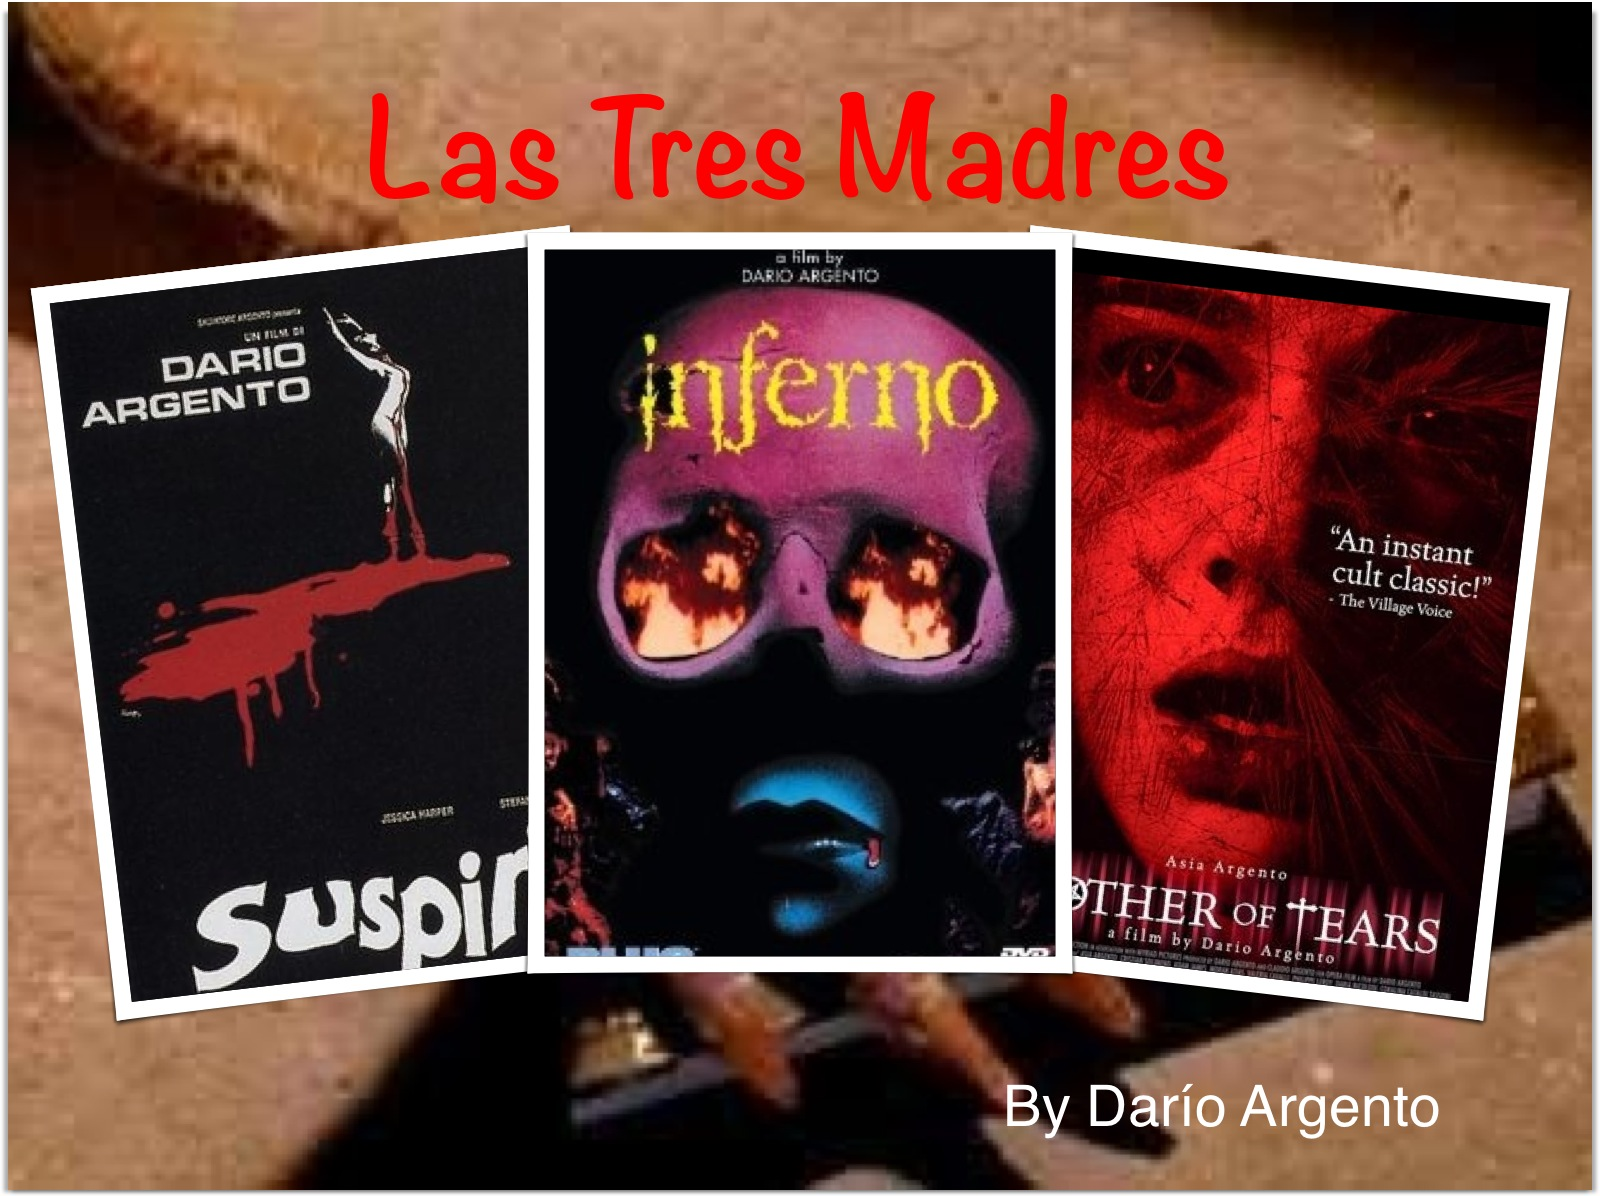 Resultado de imagen para Las Tres Madres portada dario argento